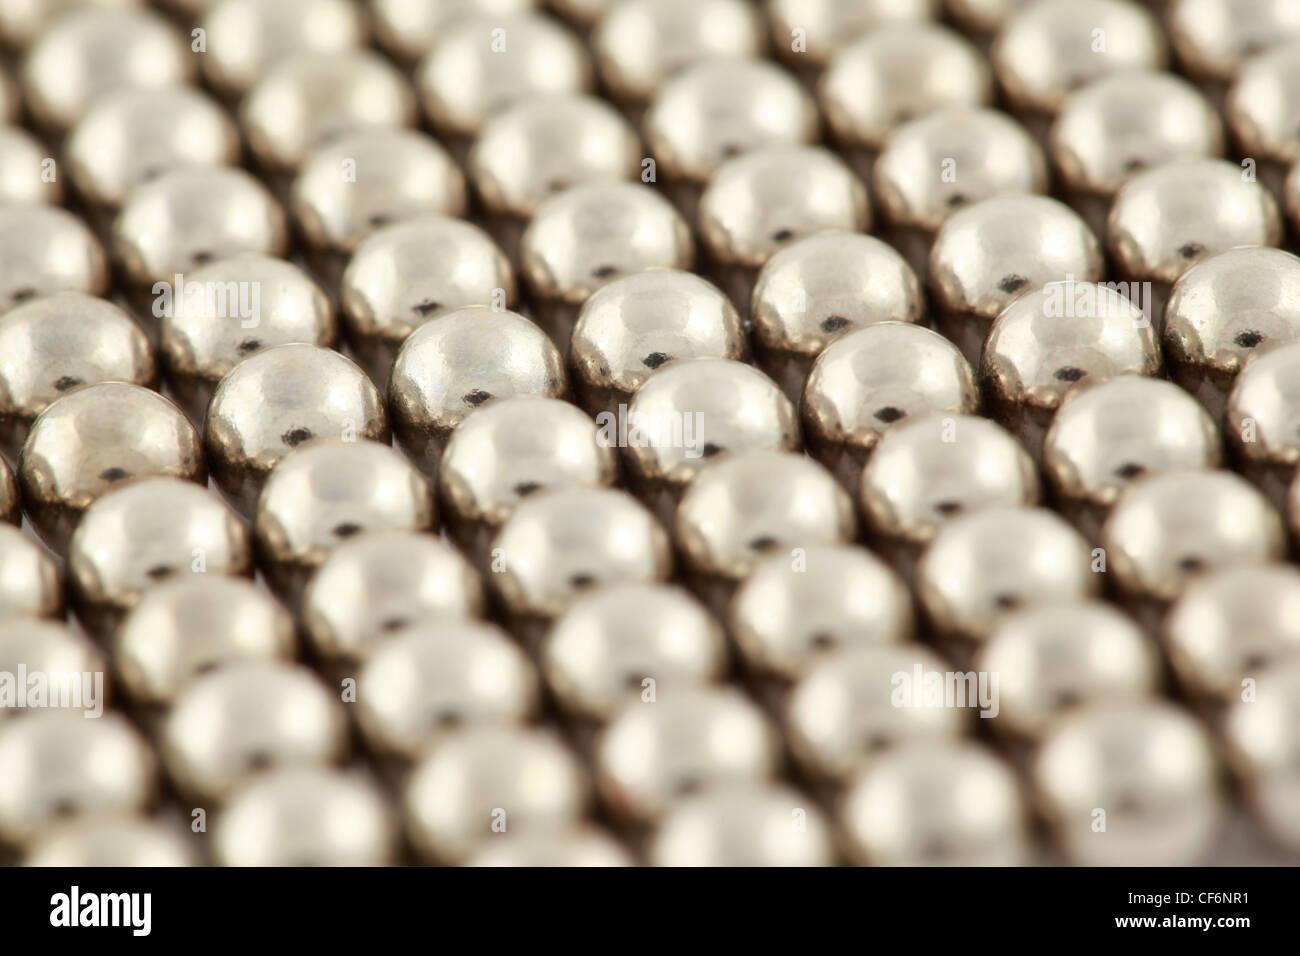 Silberne Perlen sind miteinander verflochten. Stockfoto